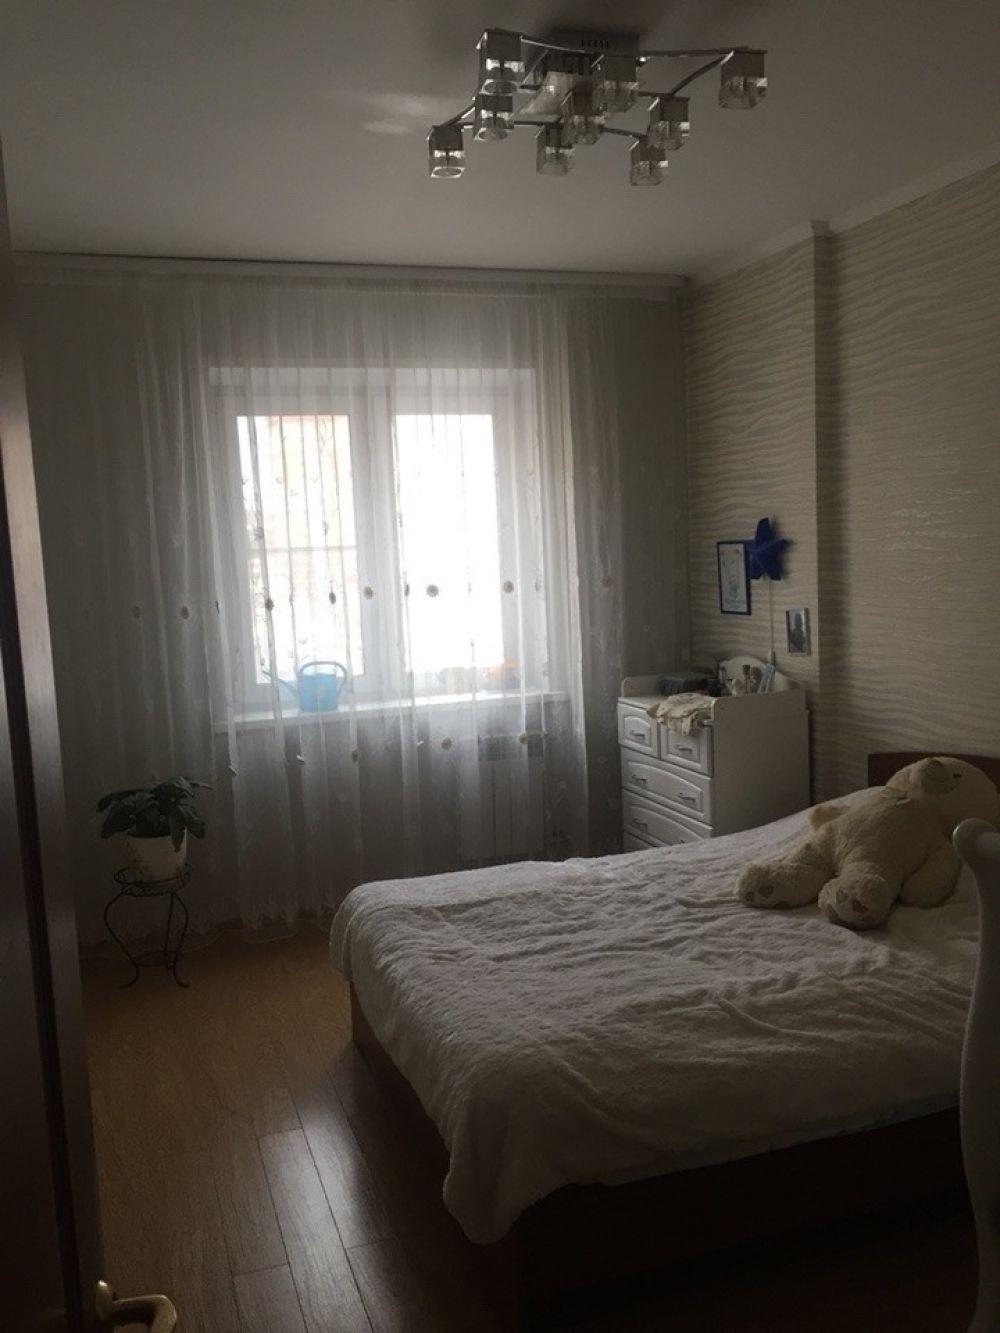 Двухкомнатная квартира 60 м2, Щёлково, Богородский мкр 7, фото 6